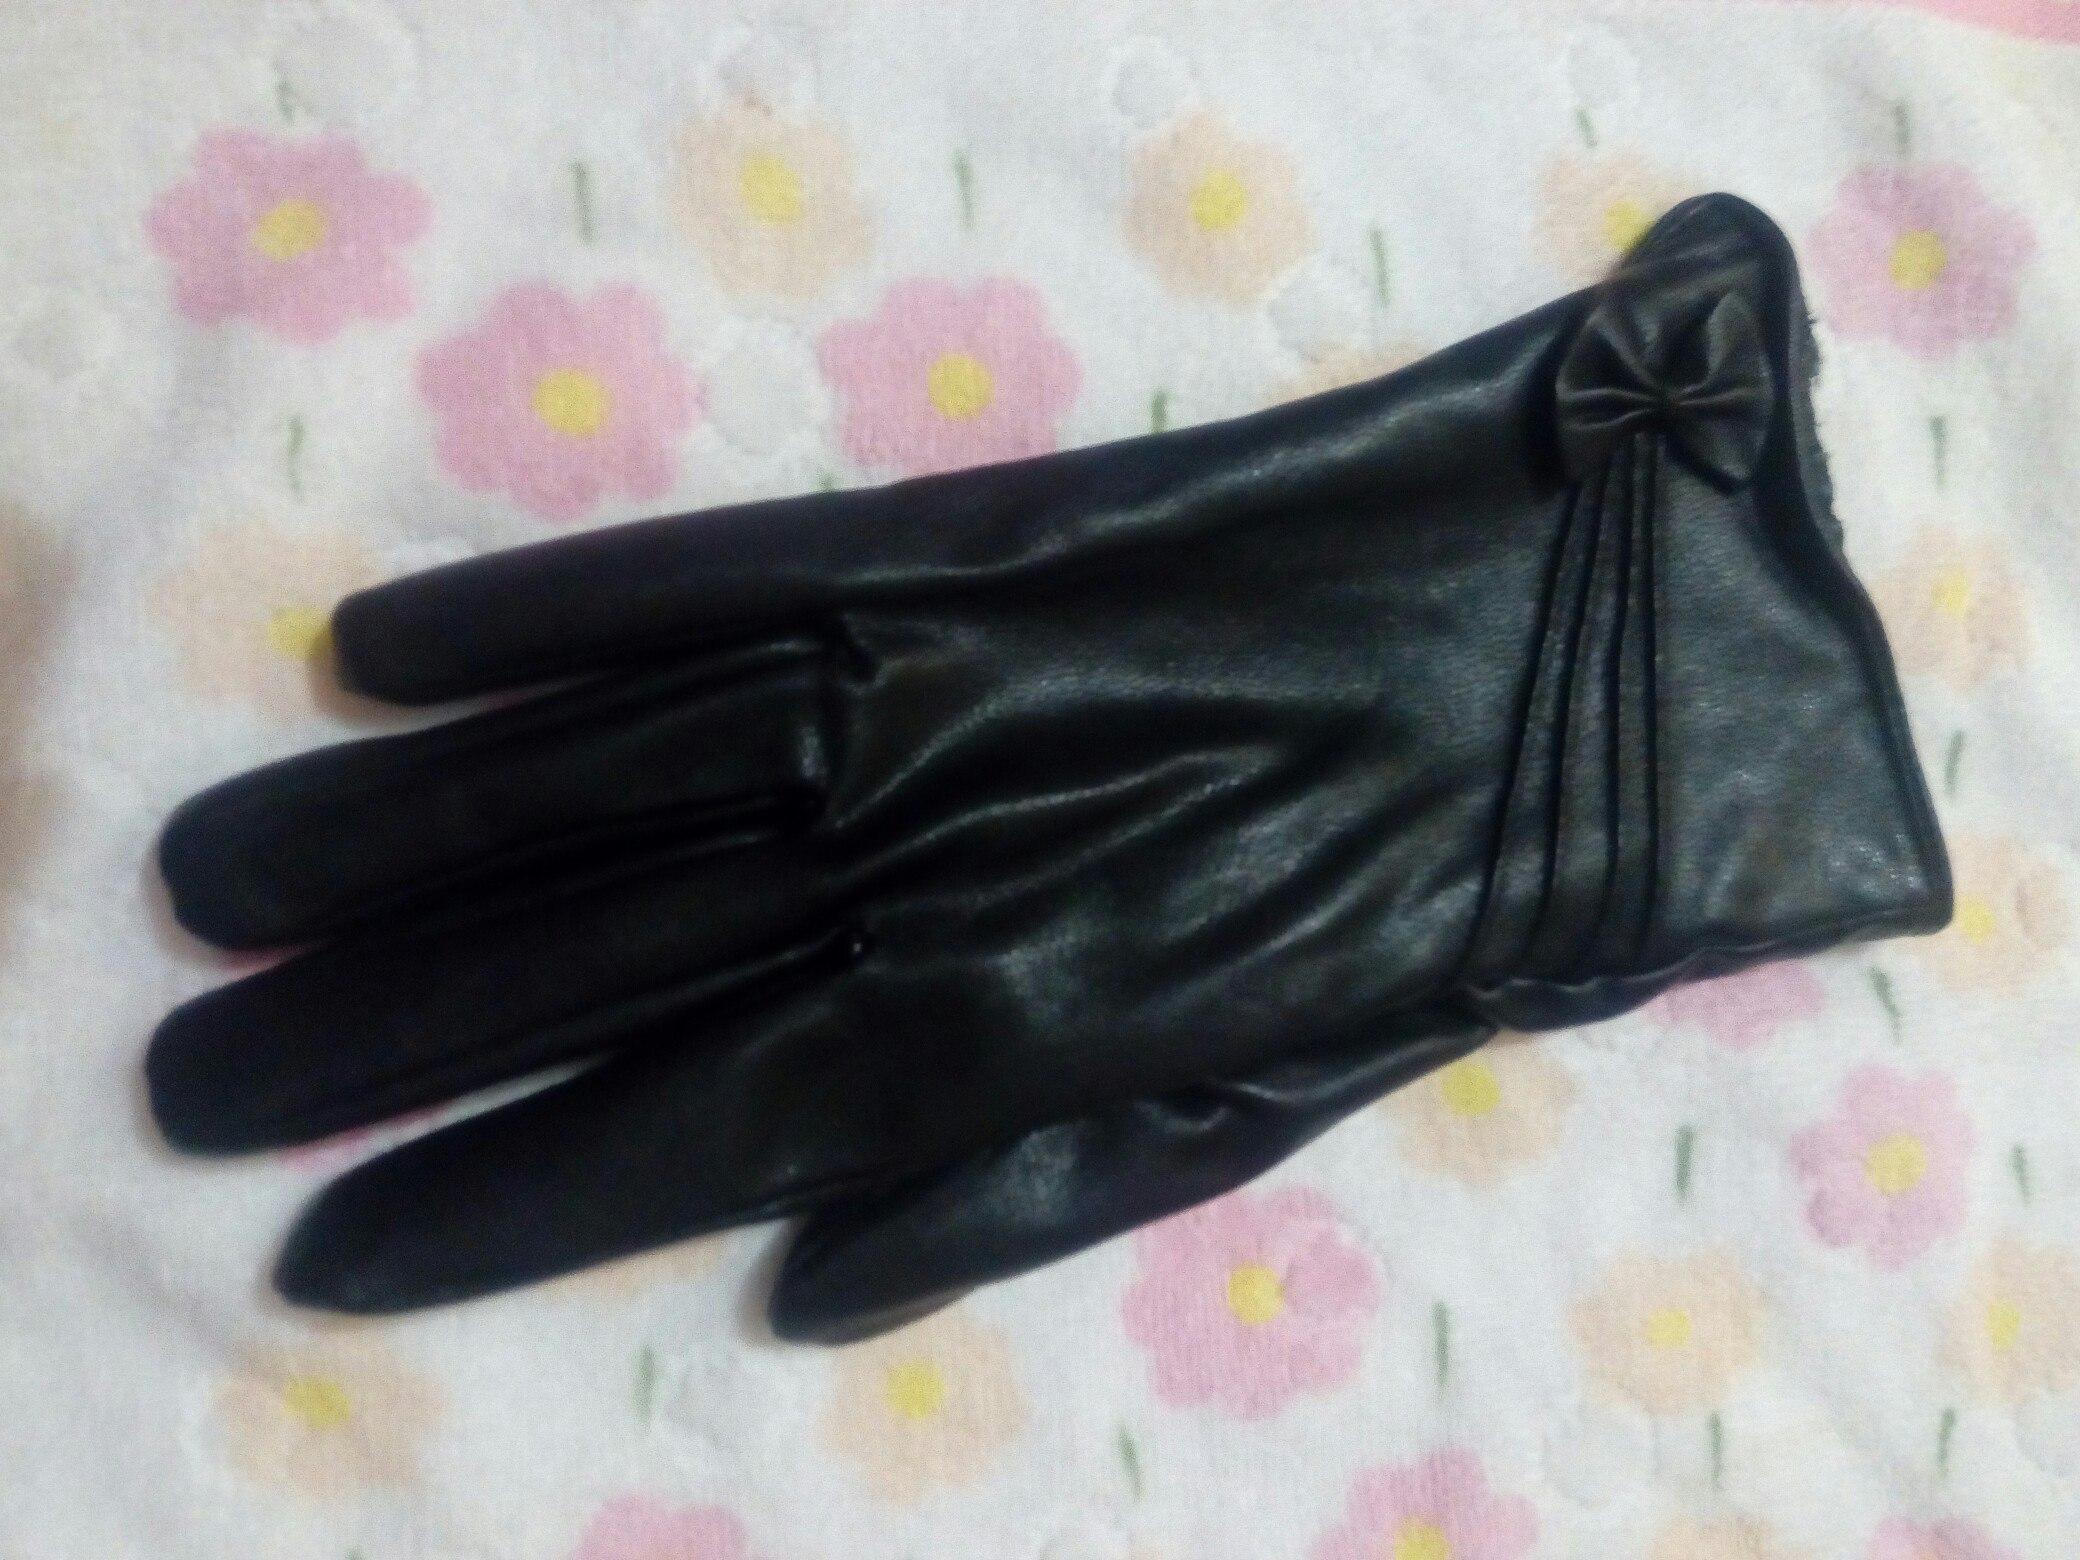 Кто потерял женскую перчатку